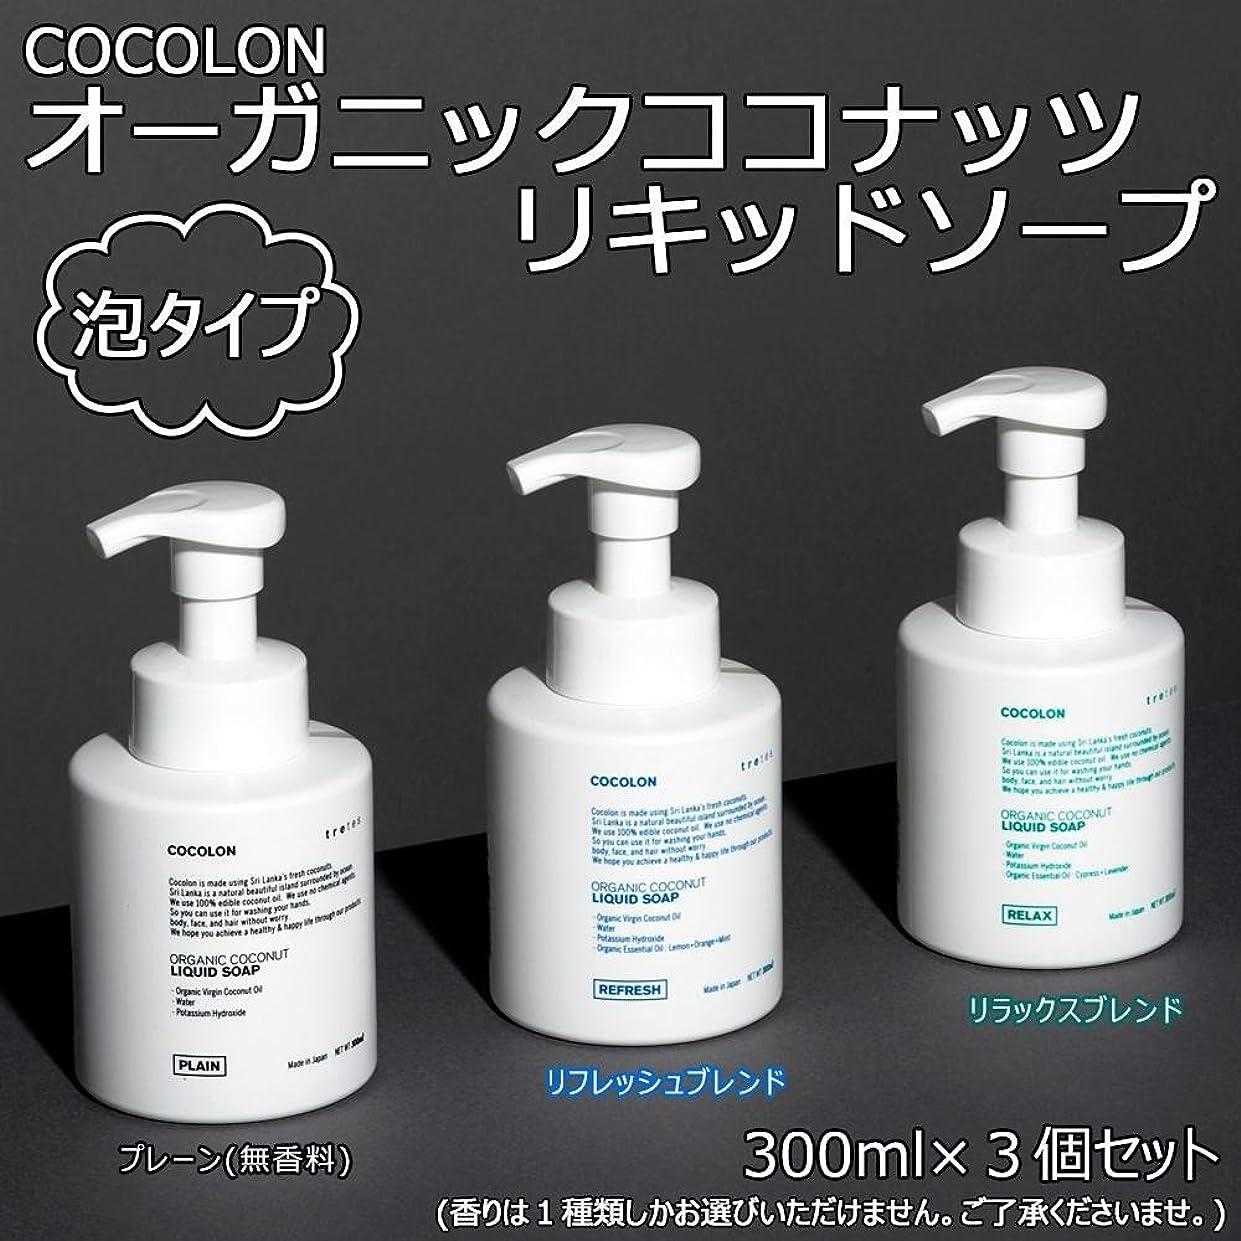 エッセンス地元敬意COCOLON ココロン オーガニックココナッツリキッドソープ 泡タイプ 300ml 3個セット【同梱?代引不可】 ■3種類の内「リフレッシュブレンド」のみです